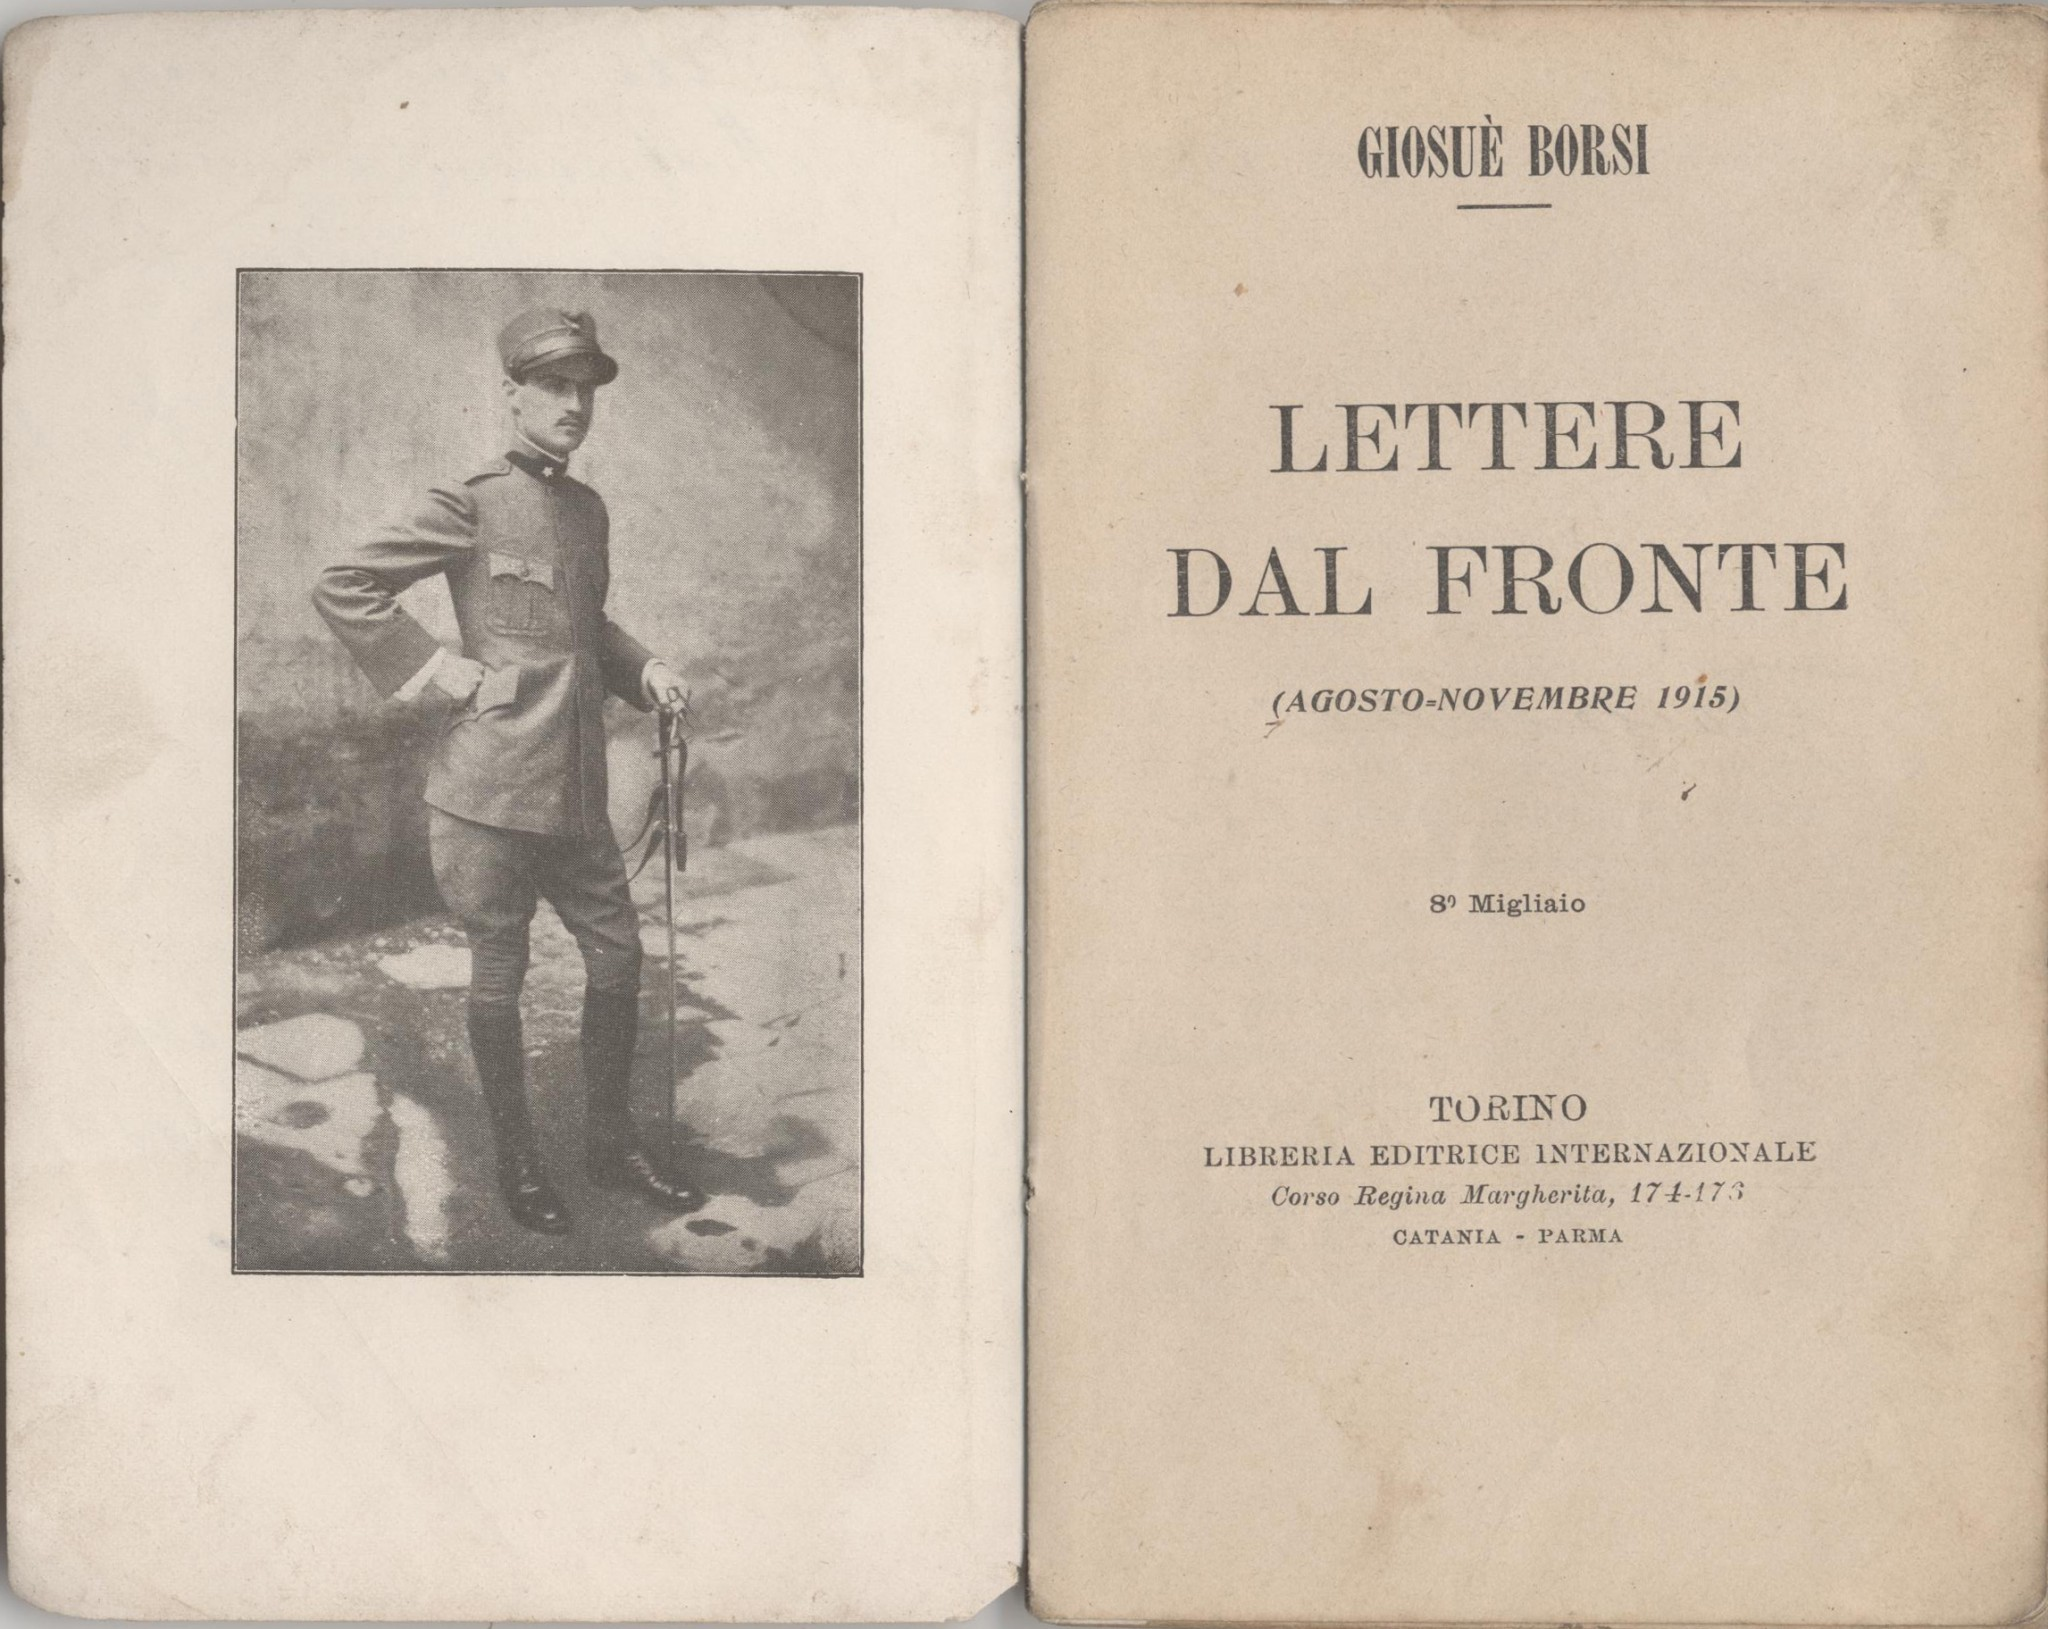 Lettere dal fronte interno